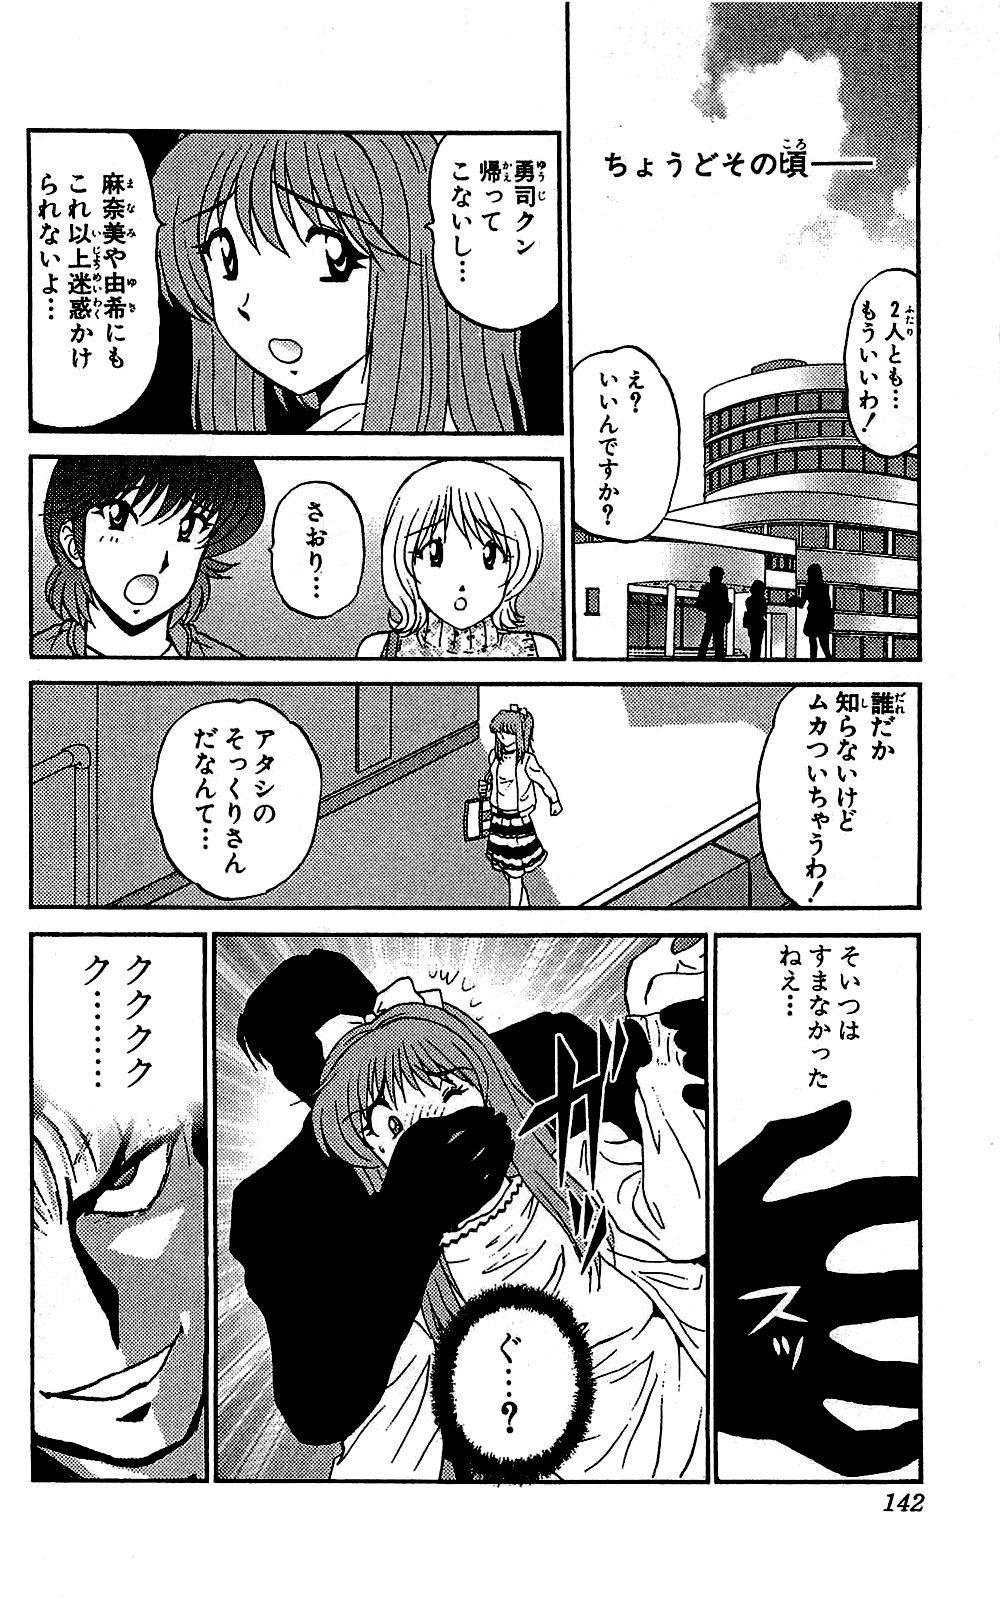 Miracle Make Yuuji 142